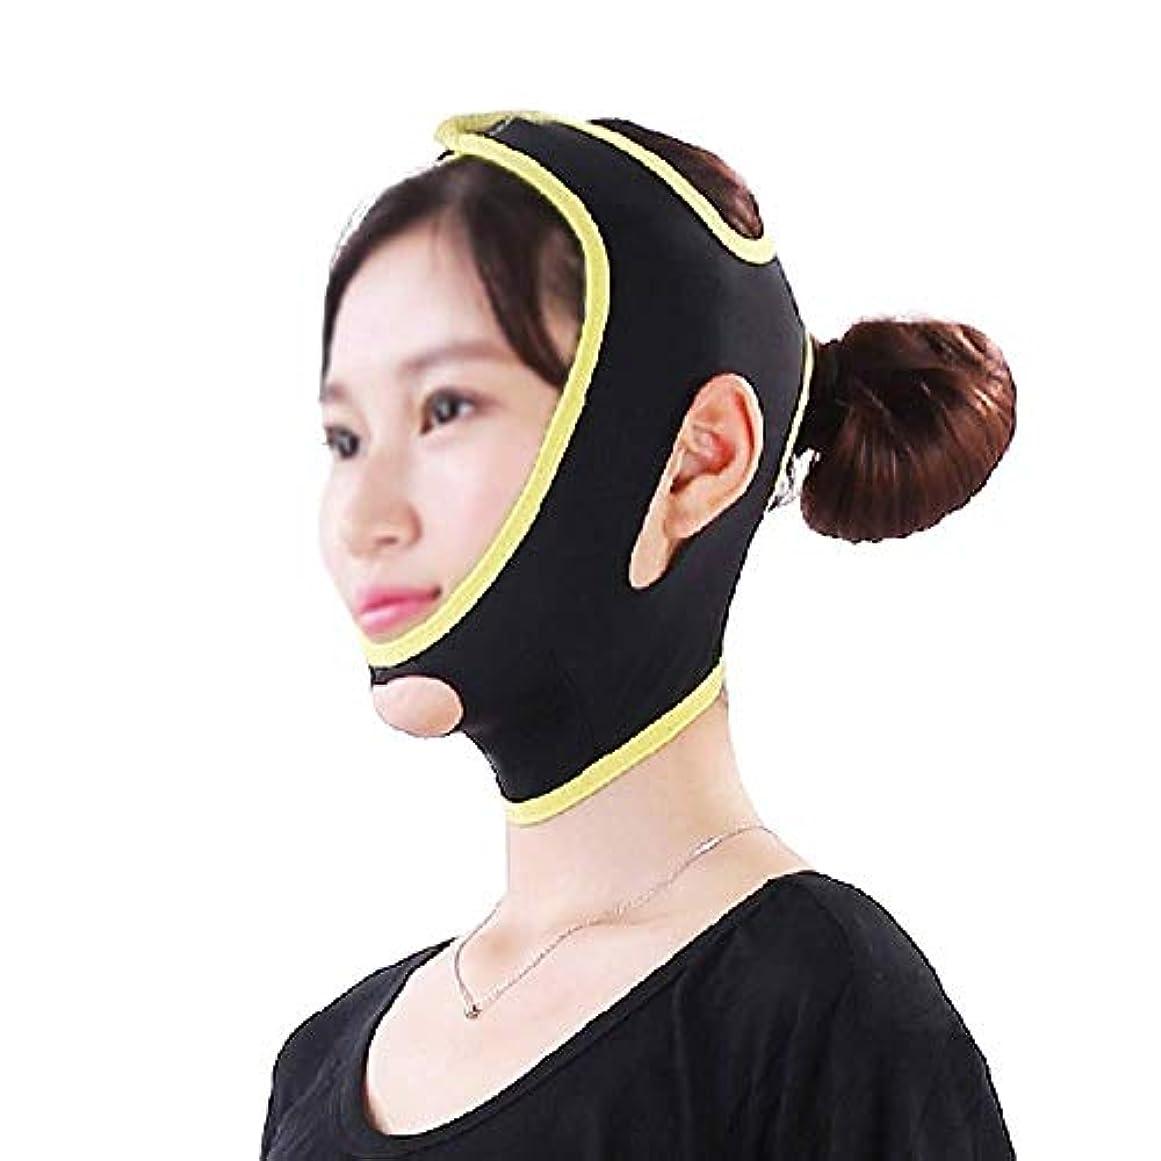 大人叫ぶ応援するフェイスアンドネックリフト、Vフェイスマスクは顔の輪郭を強化して、顎の超弾性包帯を引き締める咬筋を緩和します(サイズ:M)